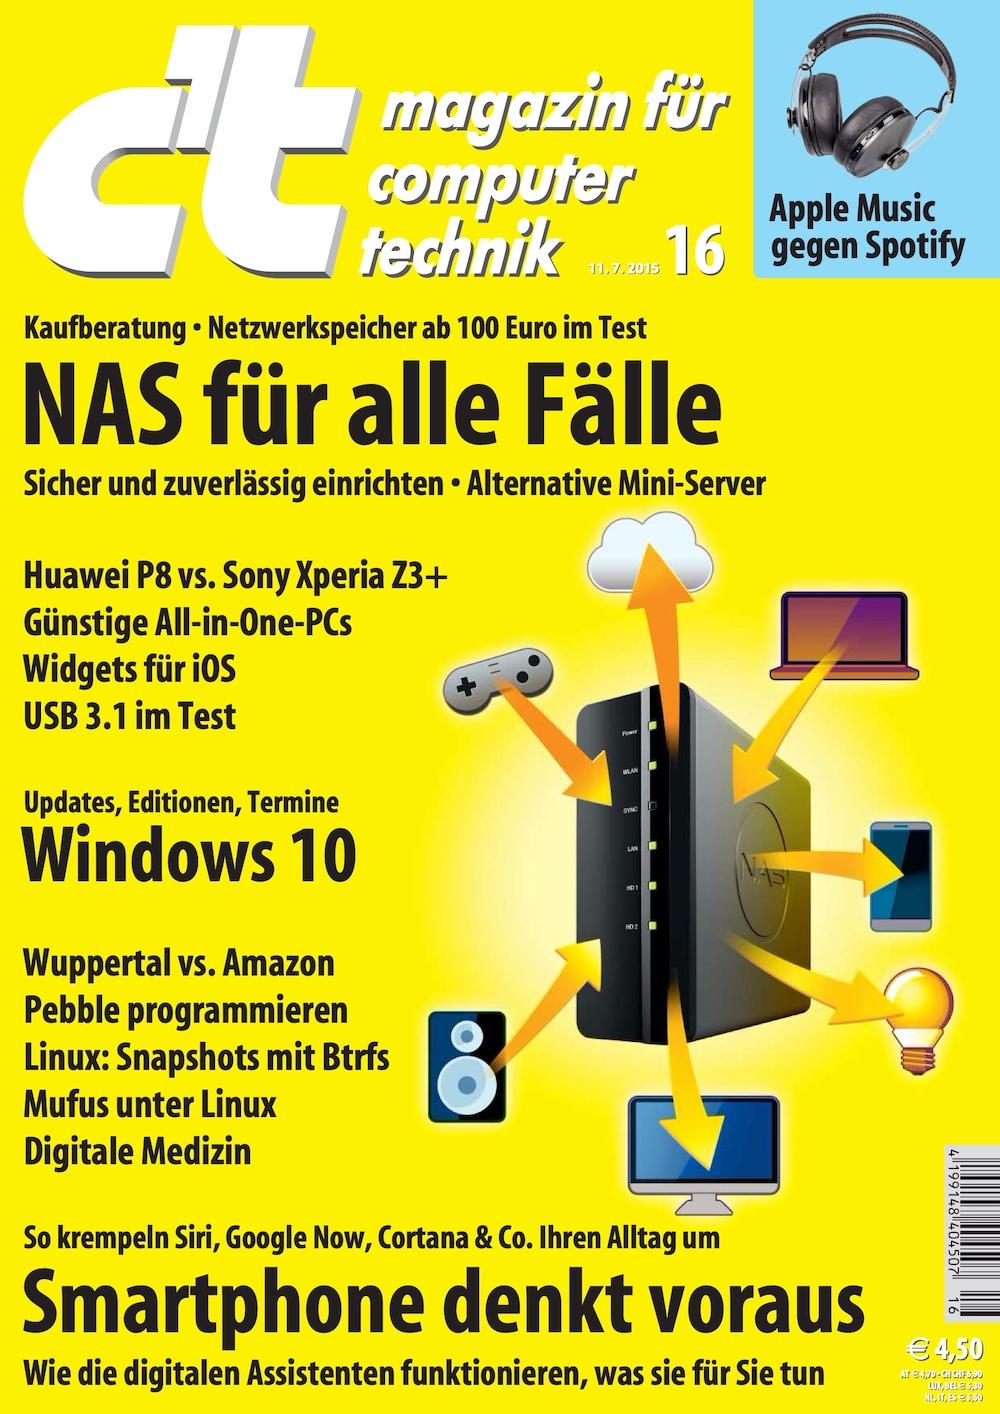 c't Magazin 2015-16